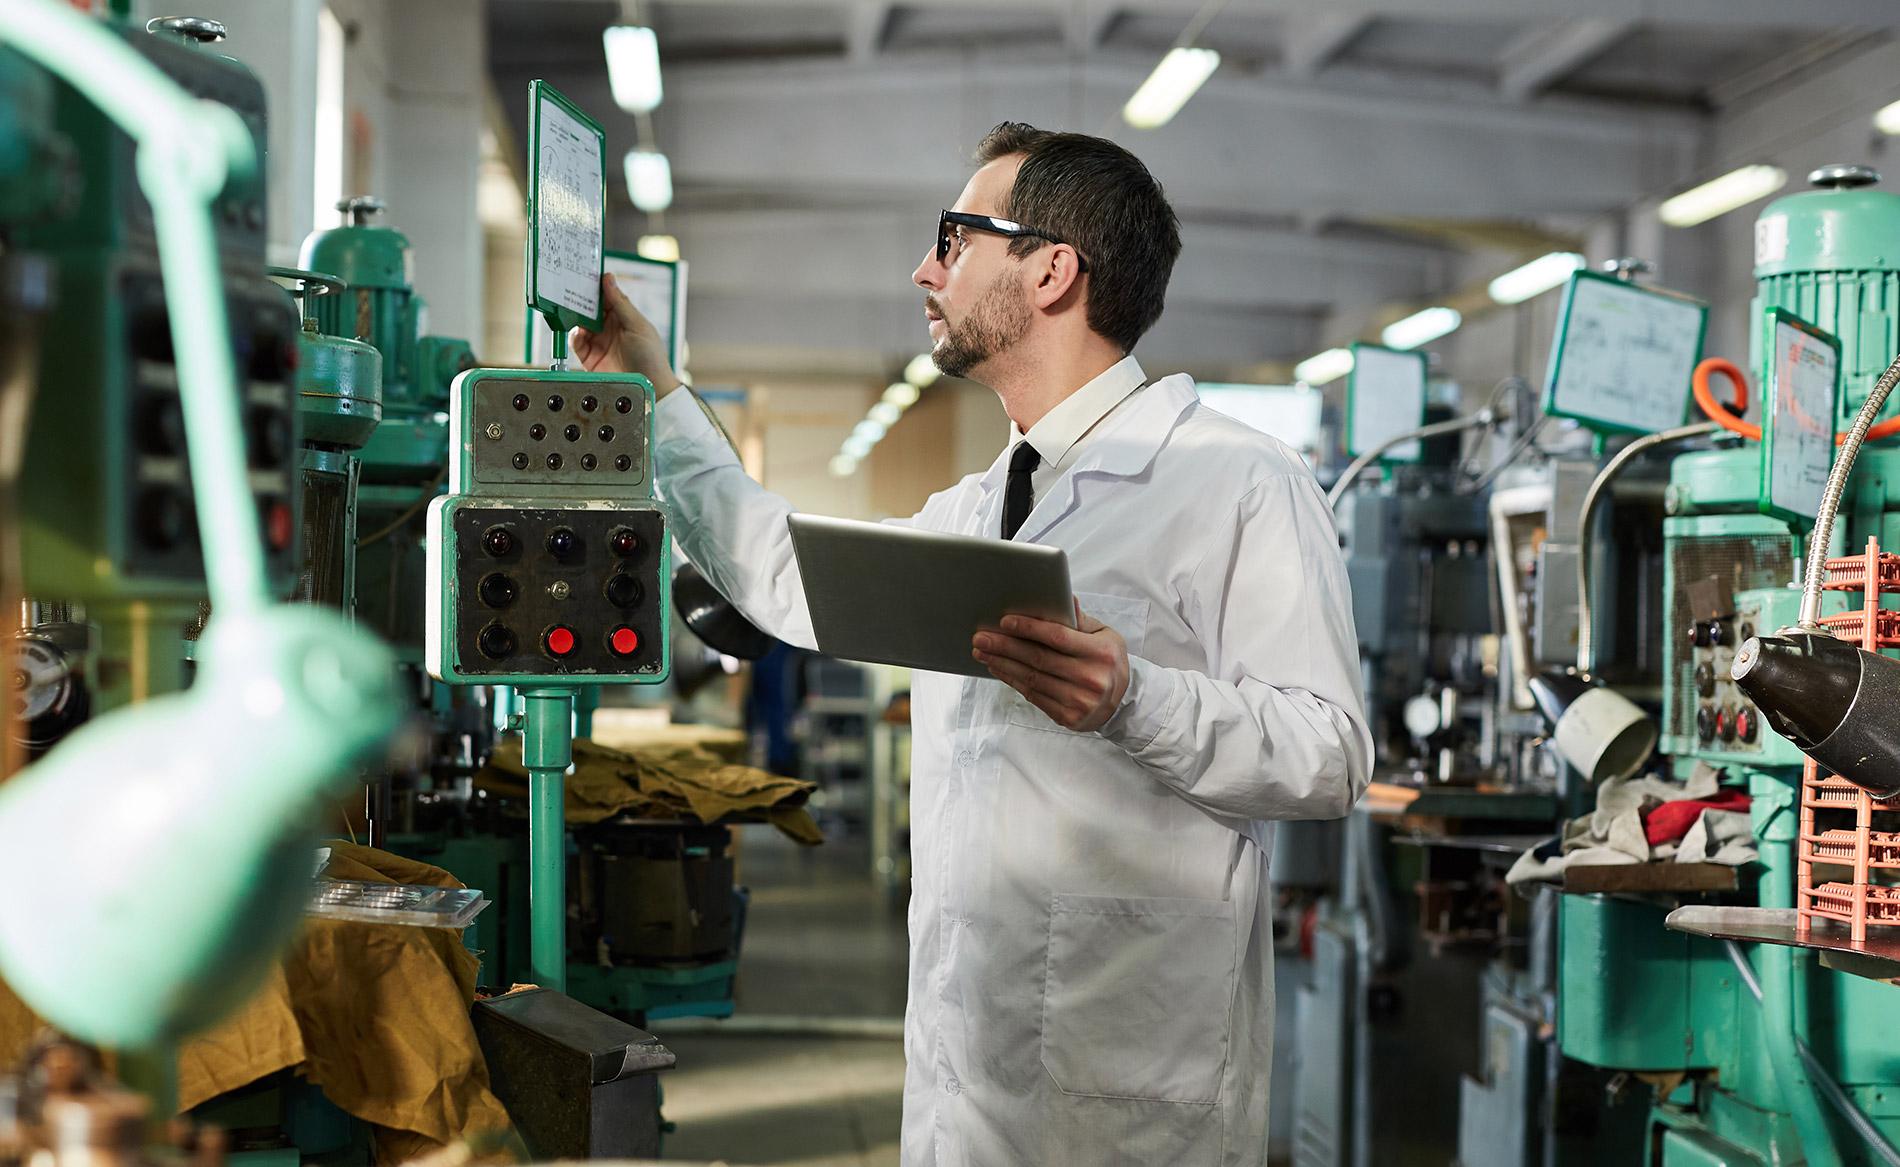 Curso Gratis De Mantenimiento Industrial